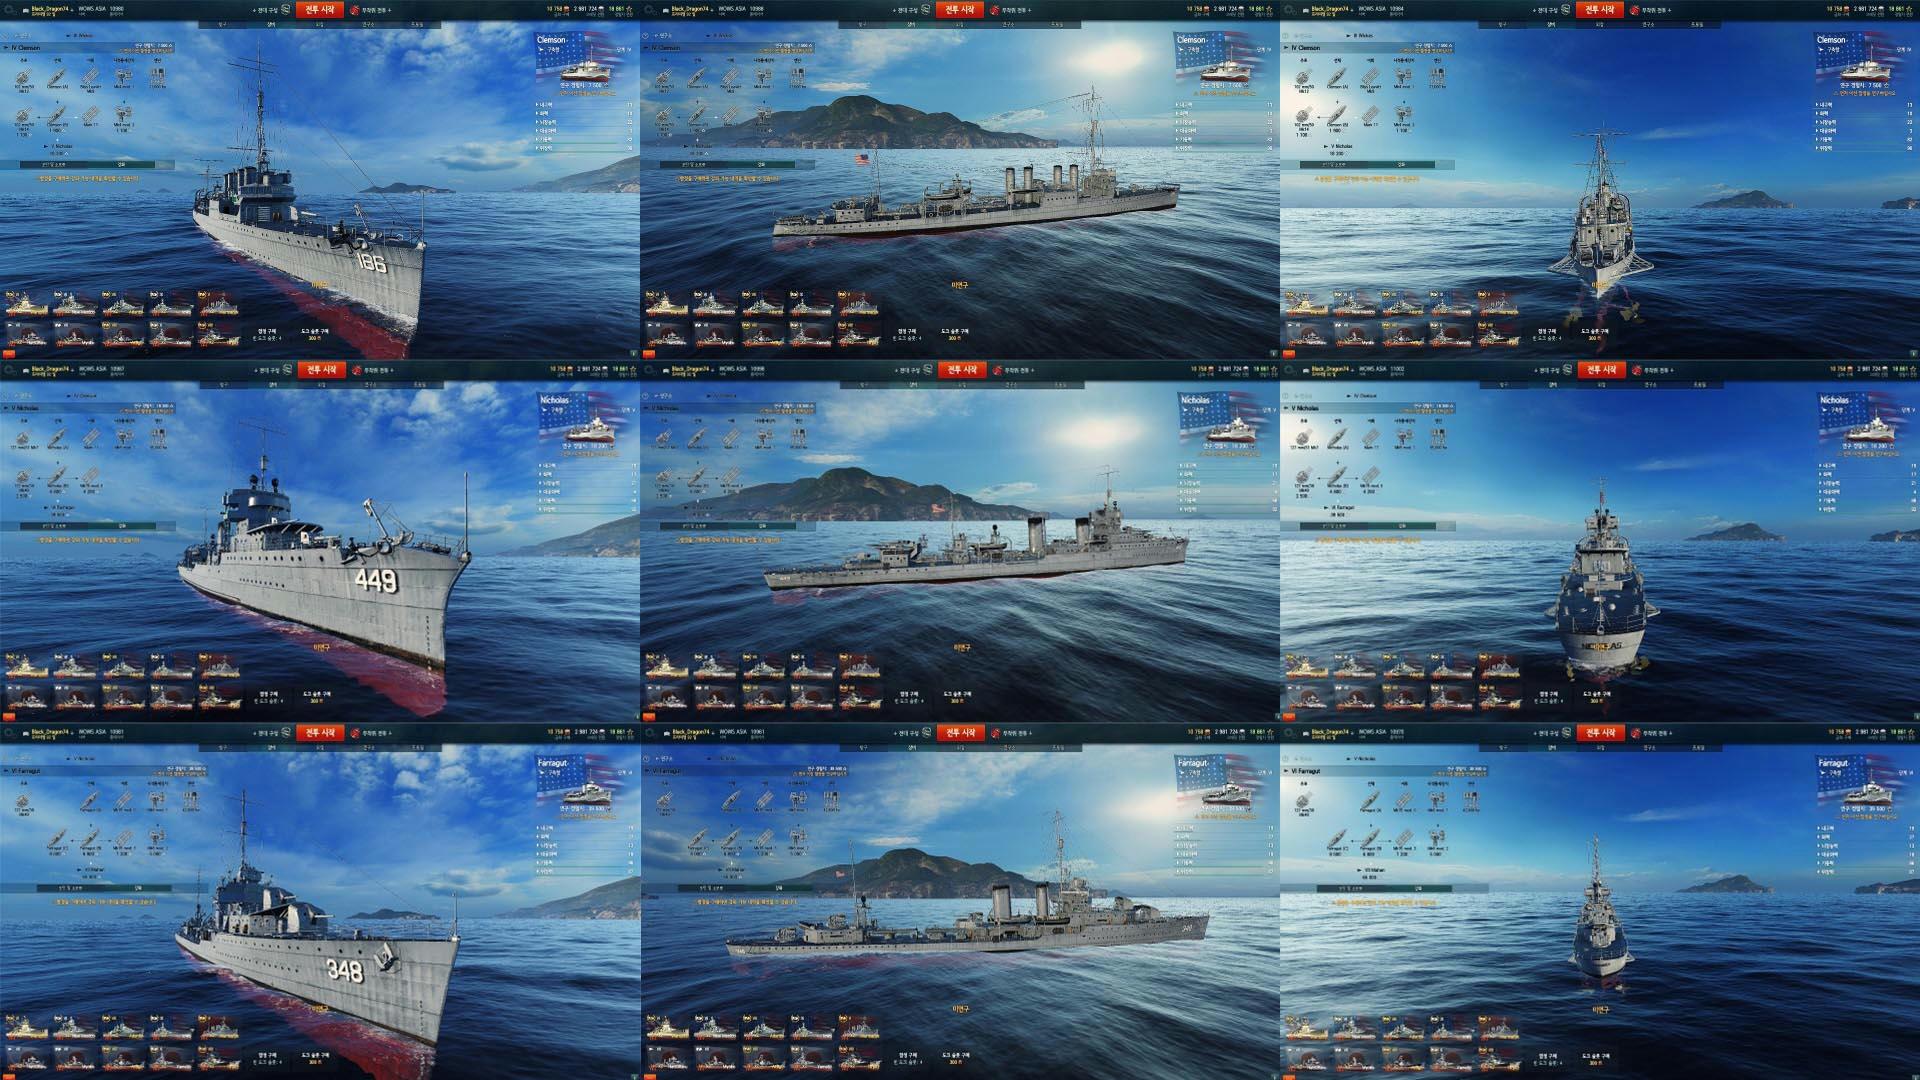 87s7gz91ados7c2zg.jpg